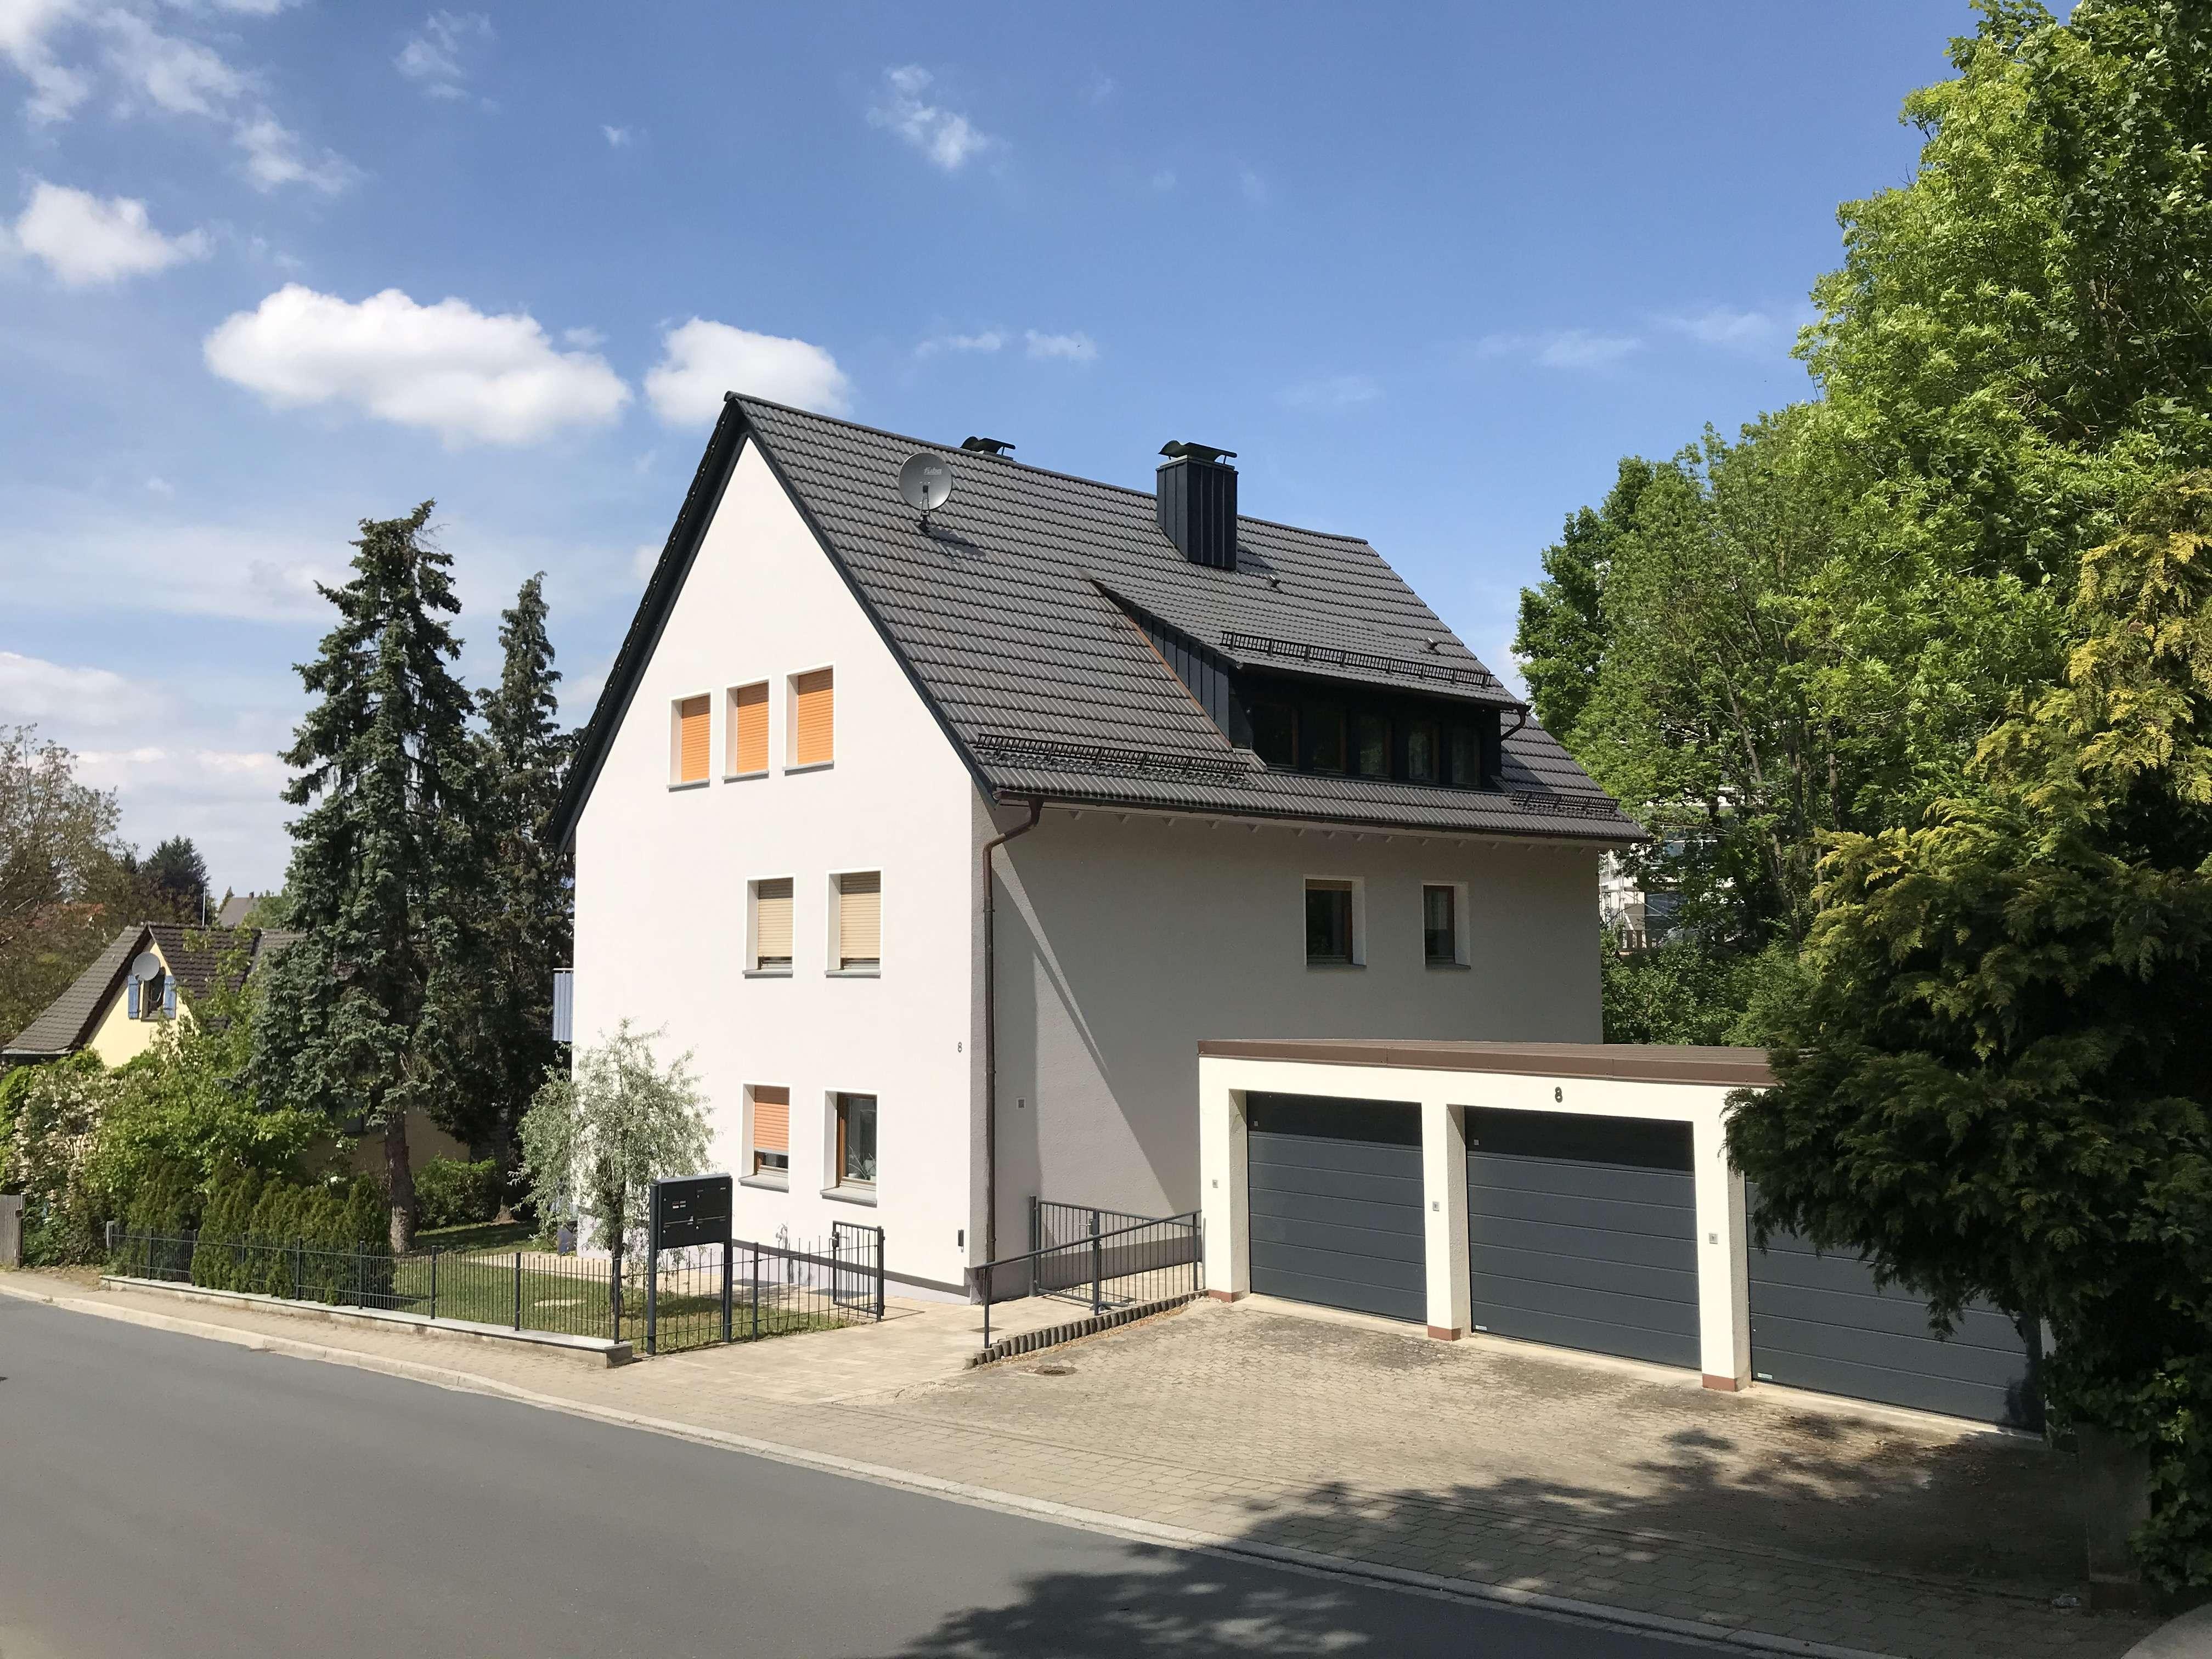 Gehobene 3 Zimmerwohnung im historischen Kern von Heroldsberg in